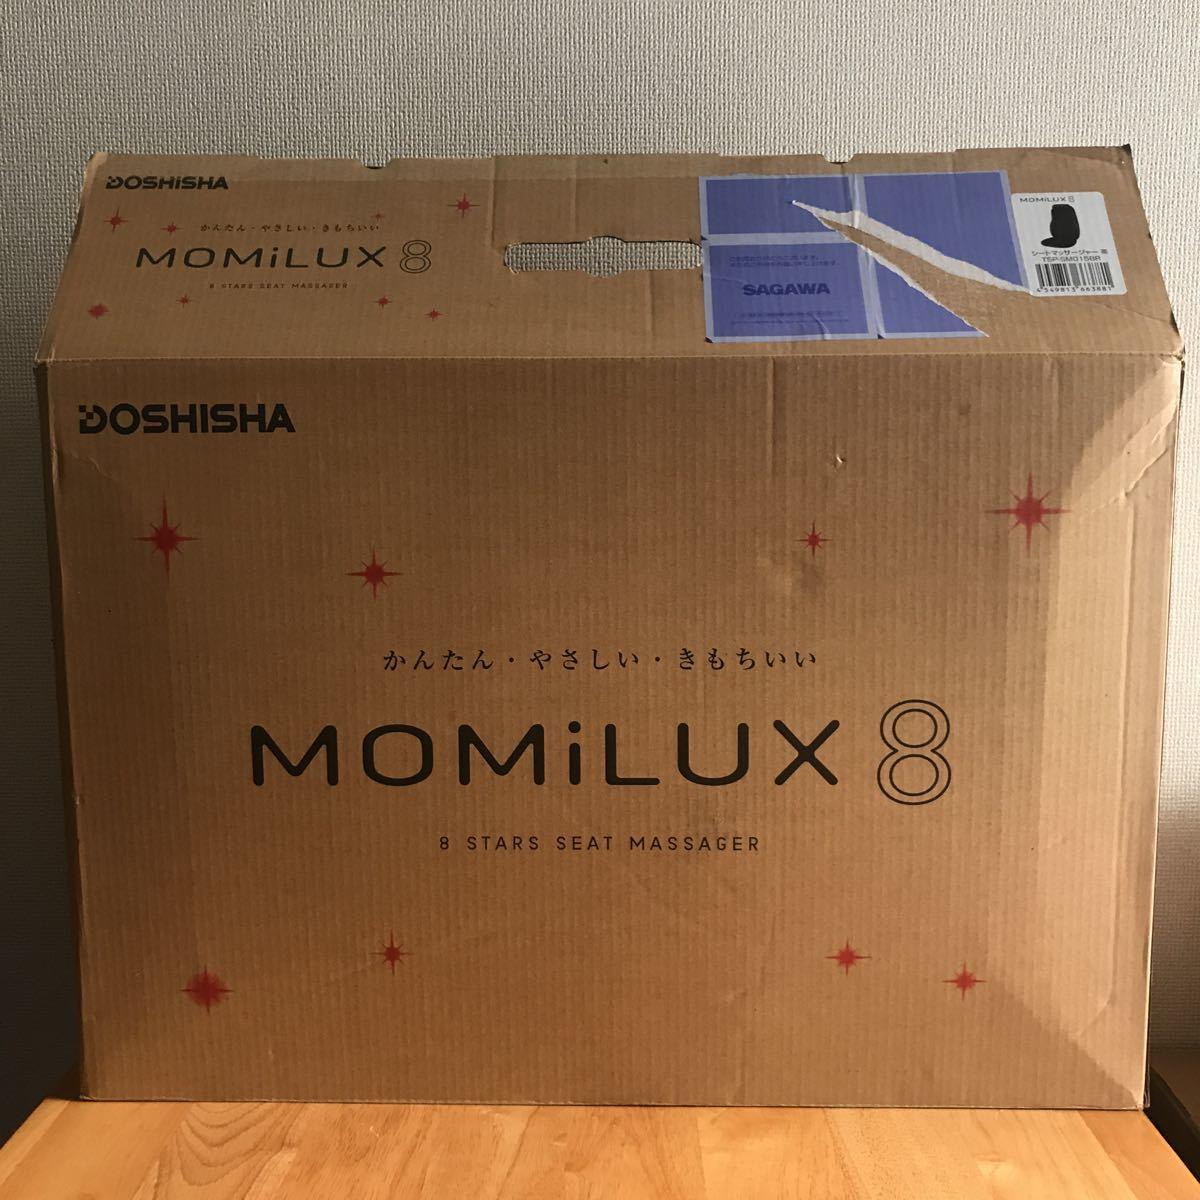 マッサージシート MOMiLUX8 DMS-1501BR ブラウン 中古美品_画像6